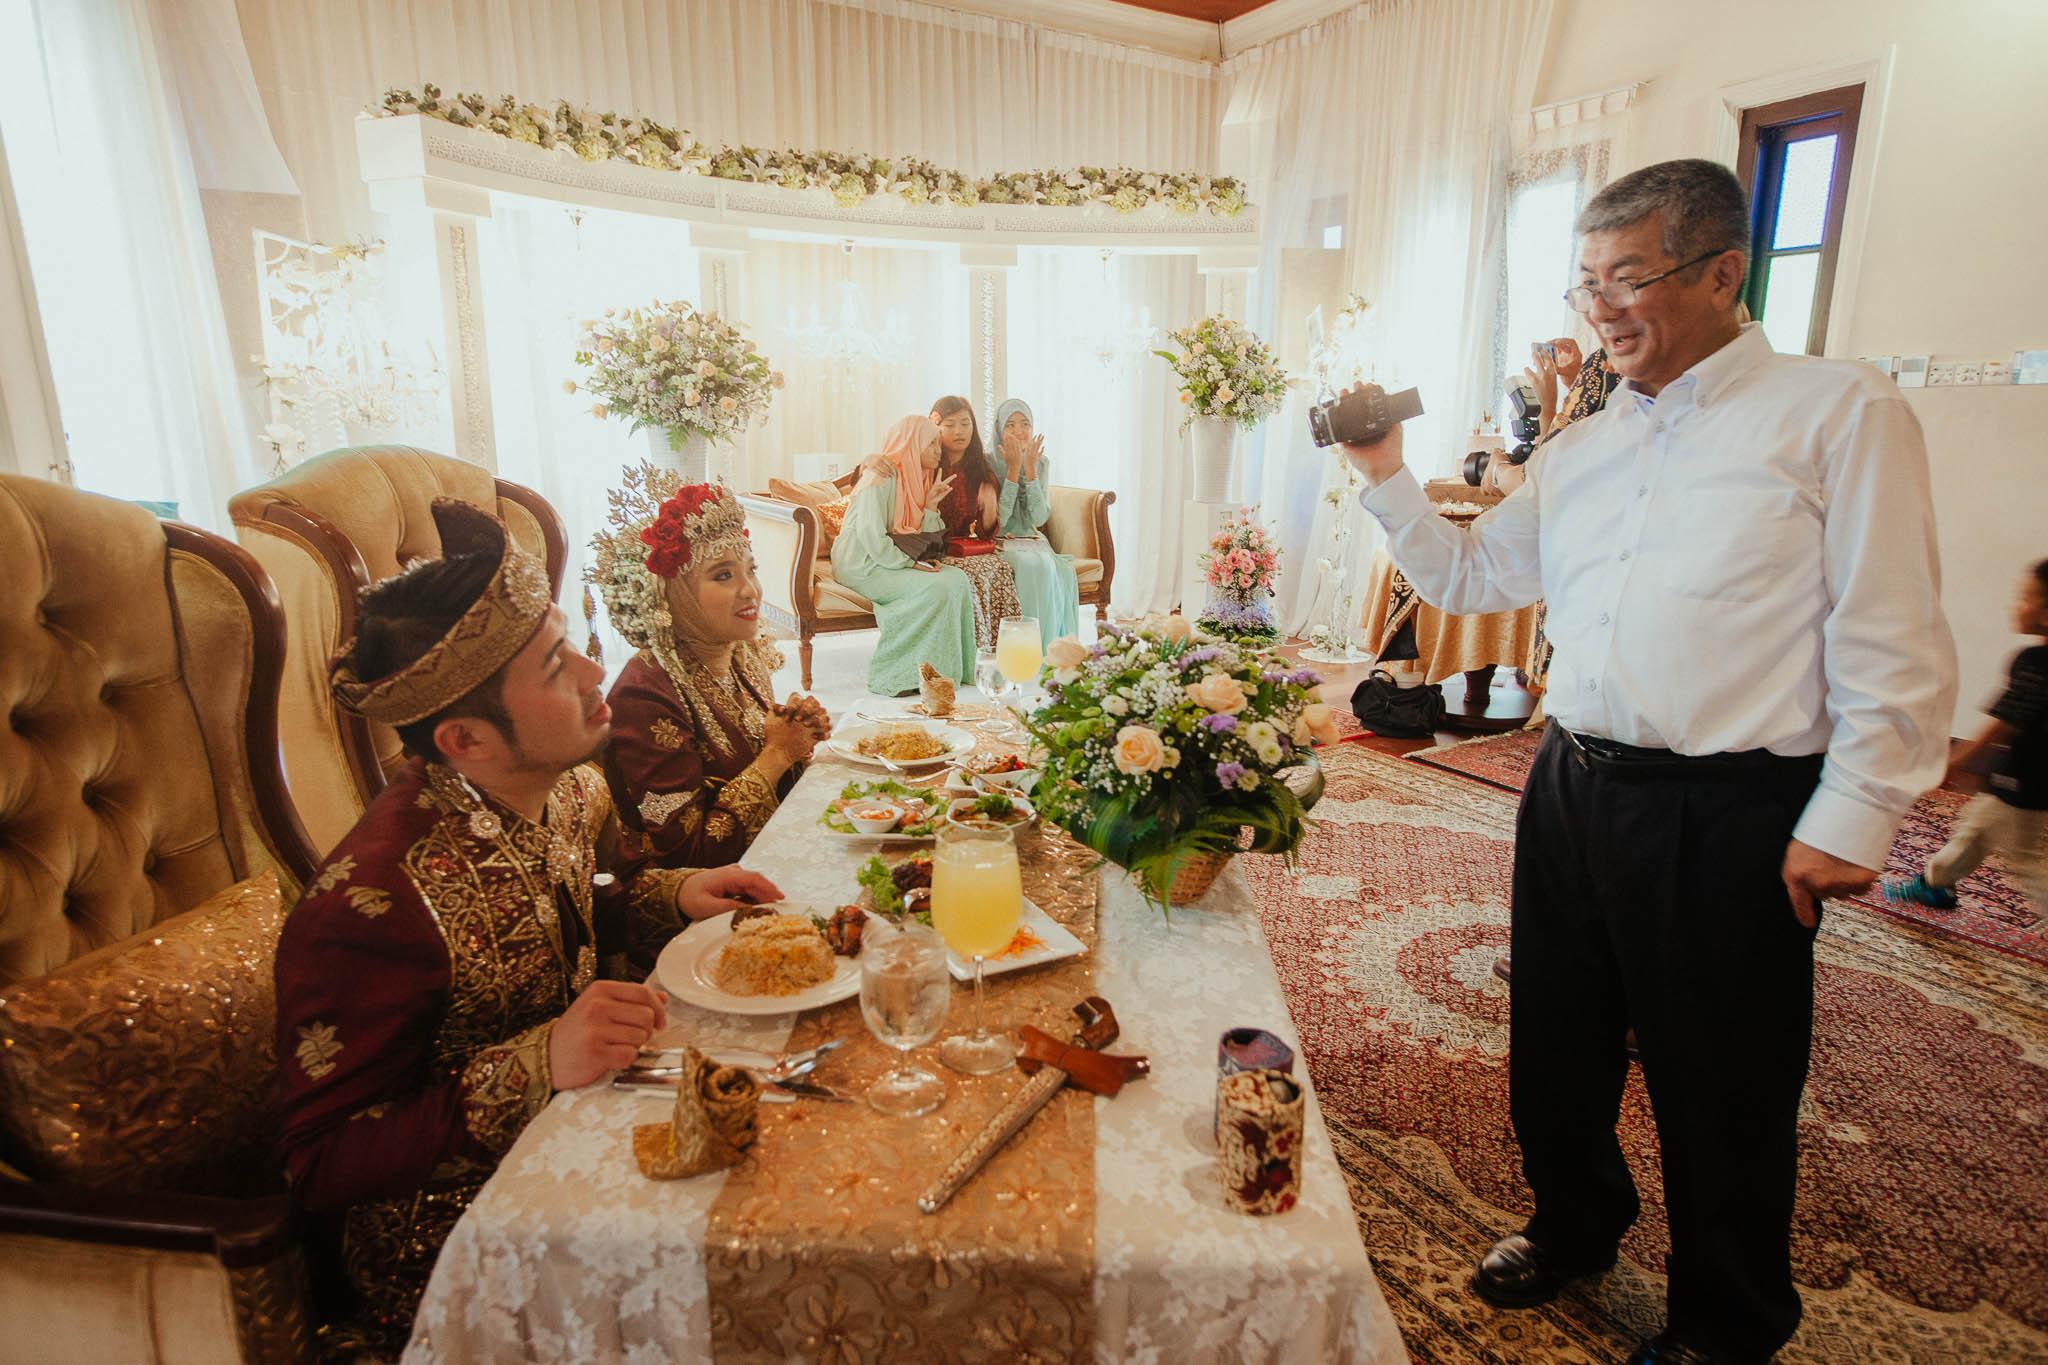 singapore-wedding-photographer-travel-wemadethese-atara-hafizah-56.jpg